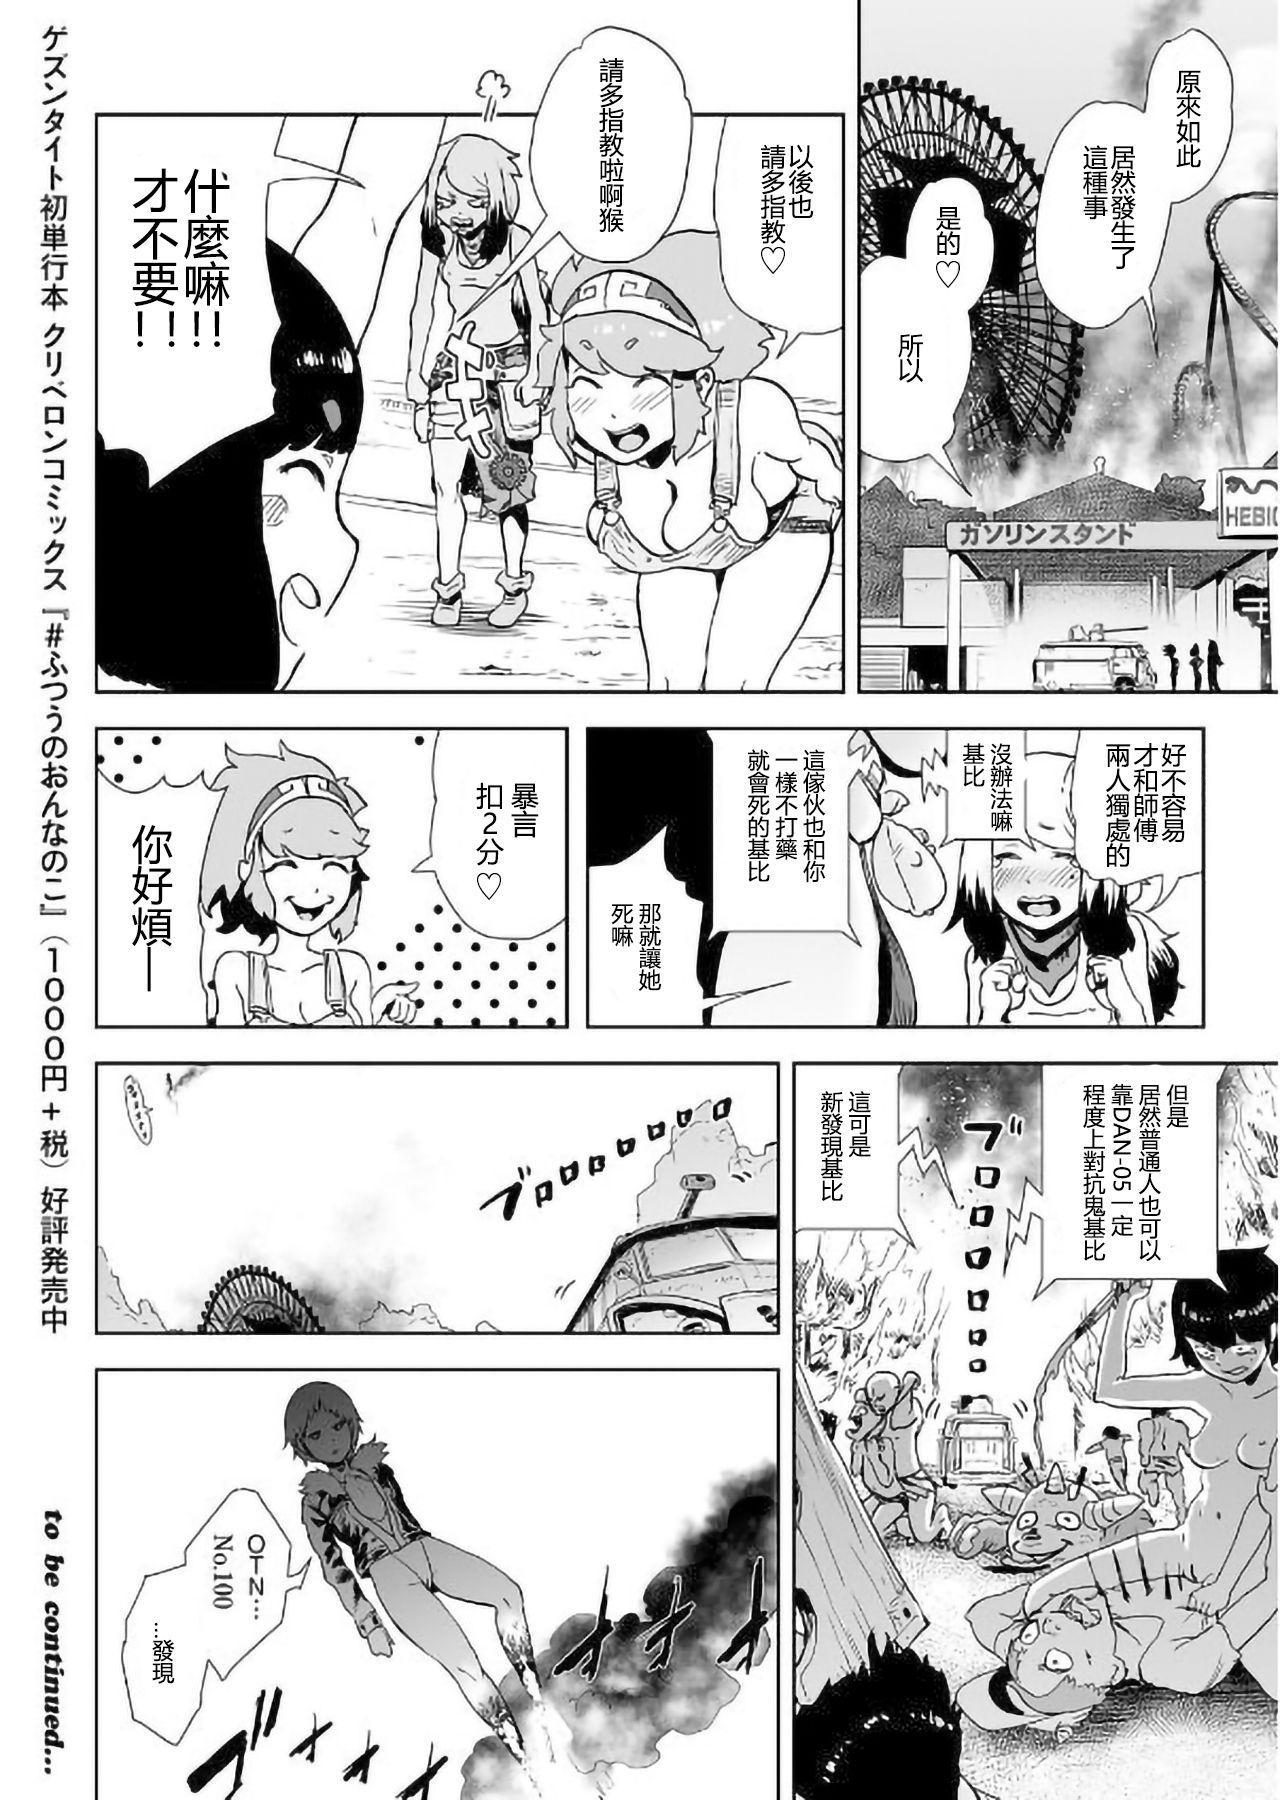 MOMO! Daiyonwa Youkoso Oniland no Maki 24